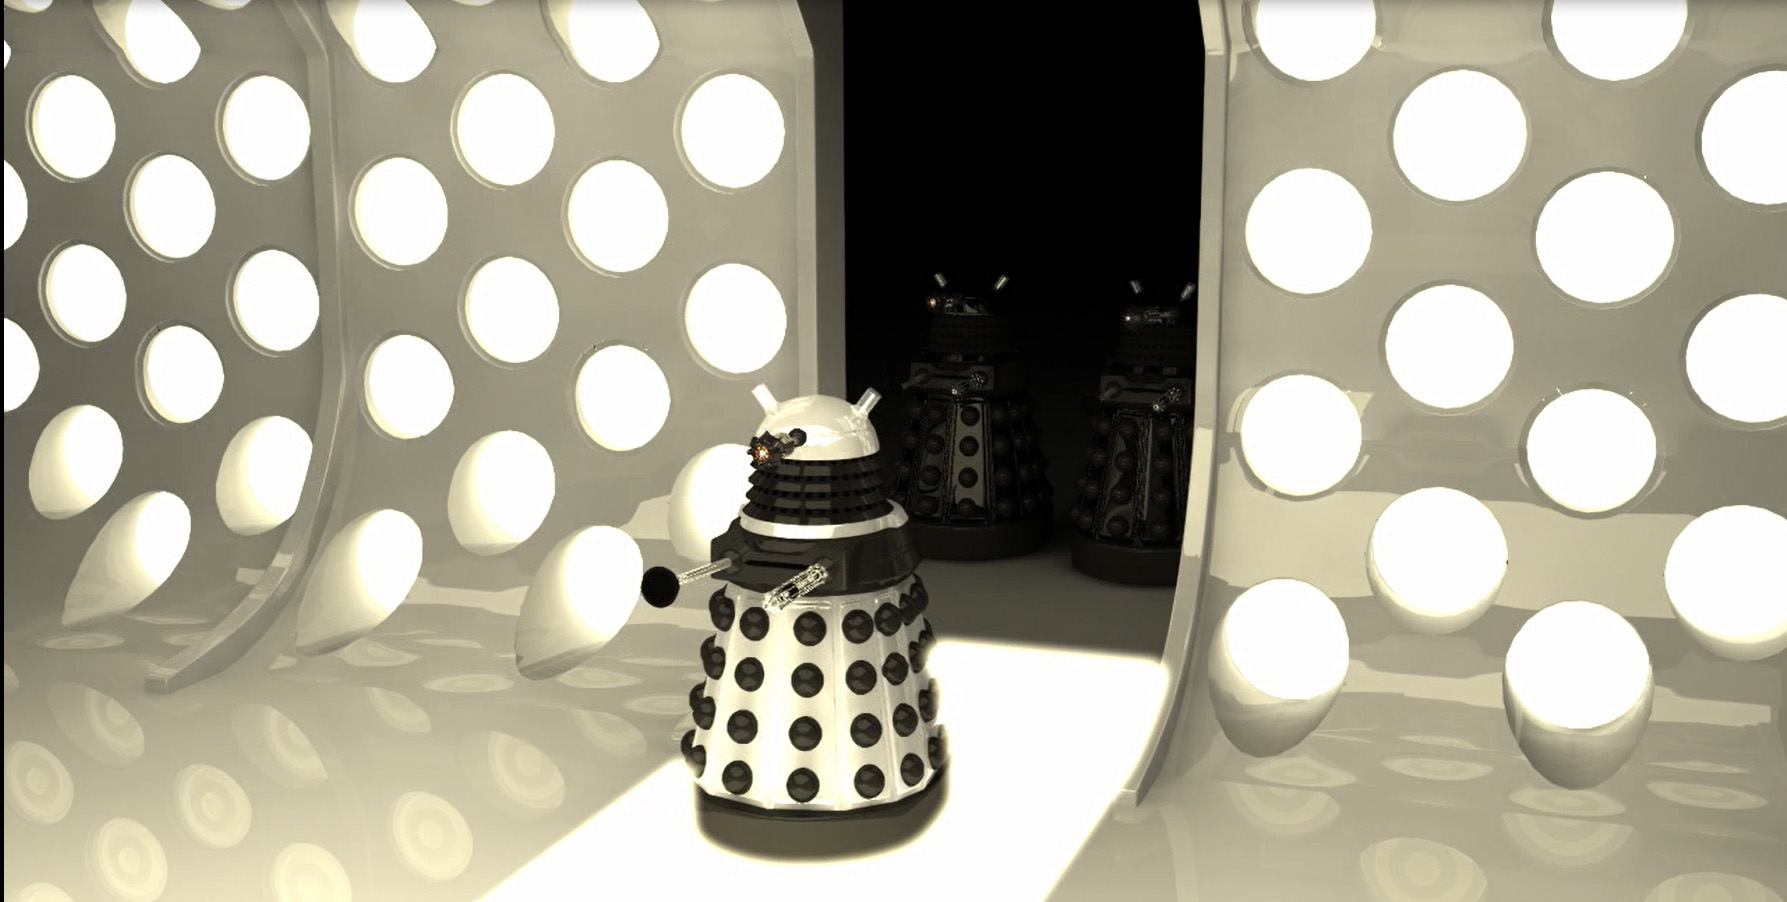 Dalek in the Tardis